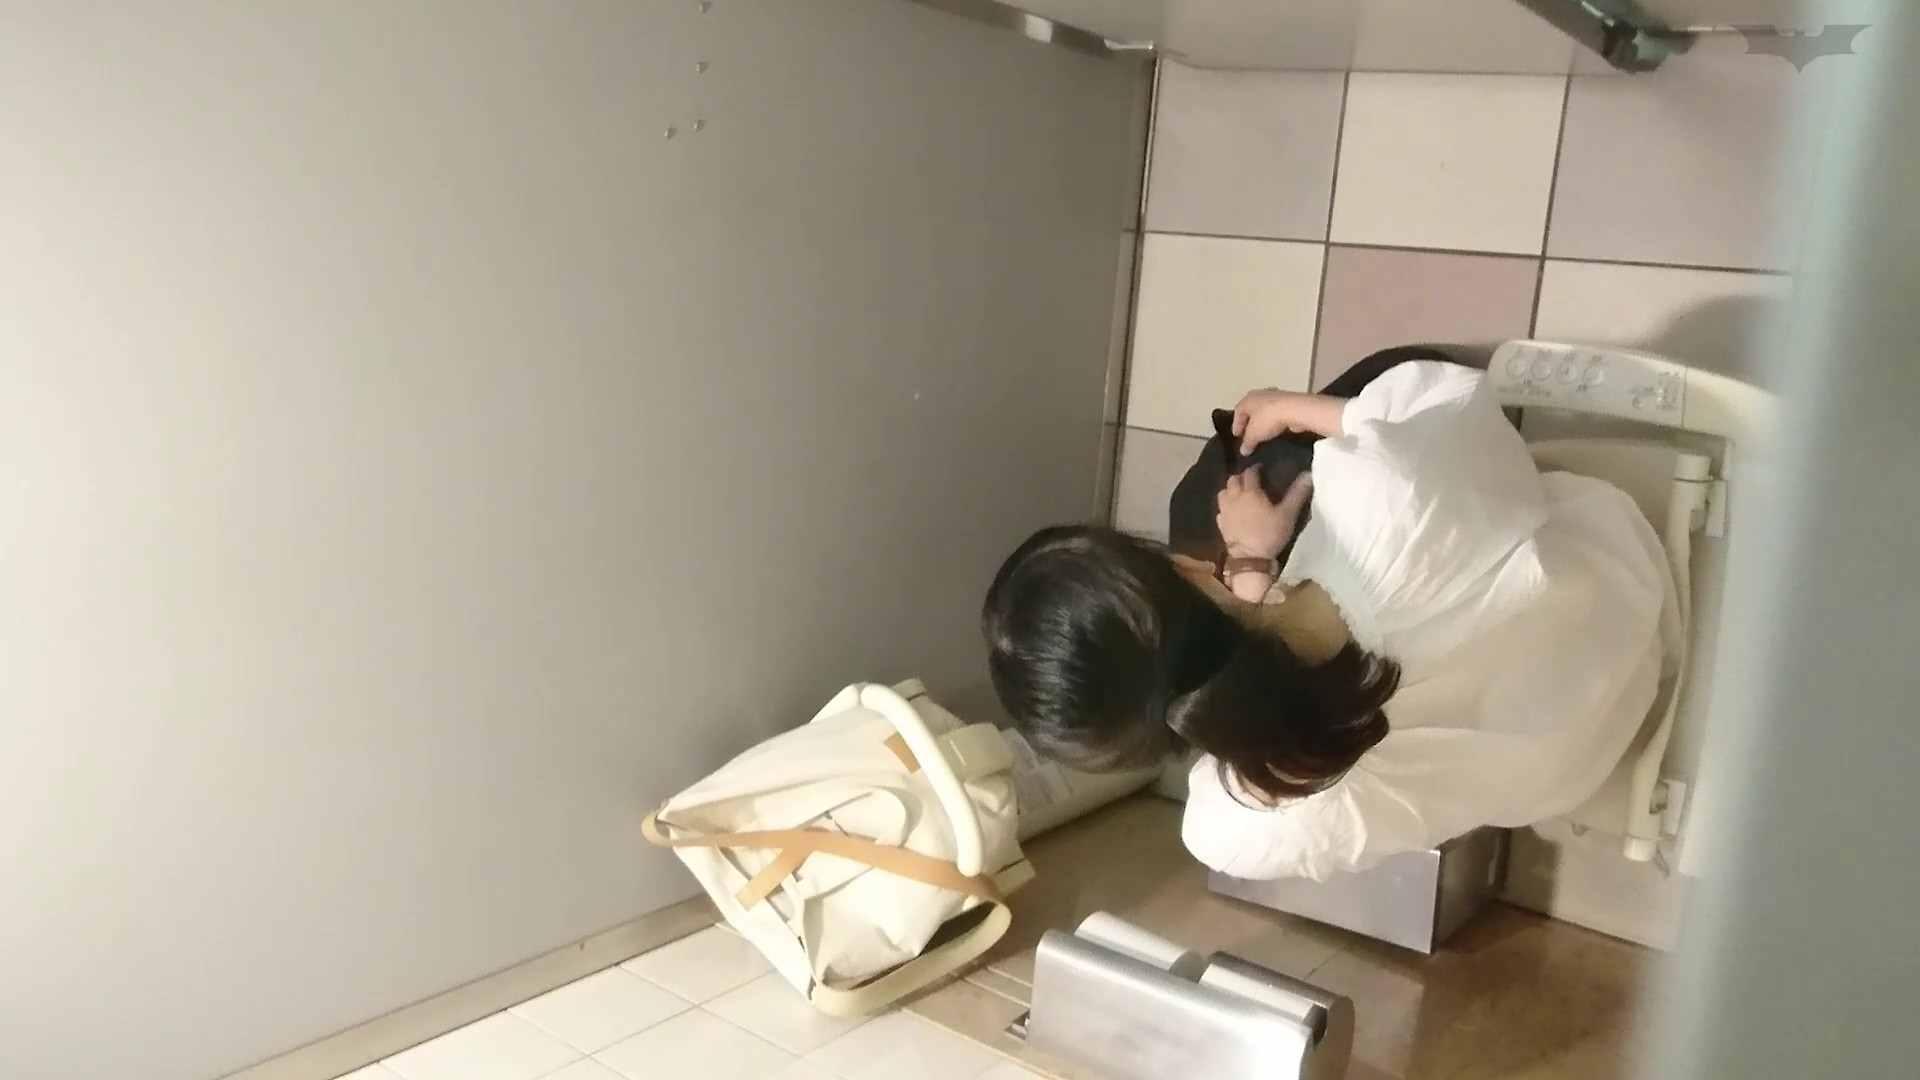 化粧室絵巻 ショッピングモール編 VOL.22 OL | 0  79連発 28